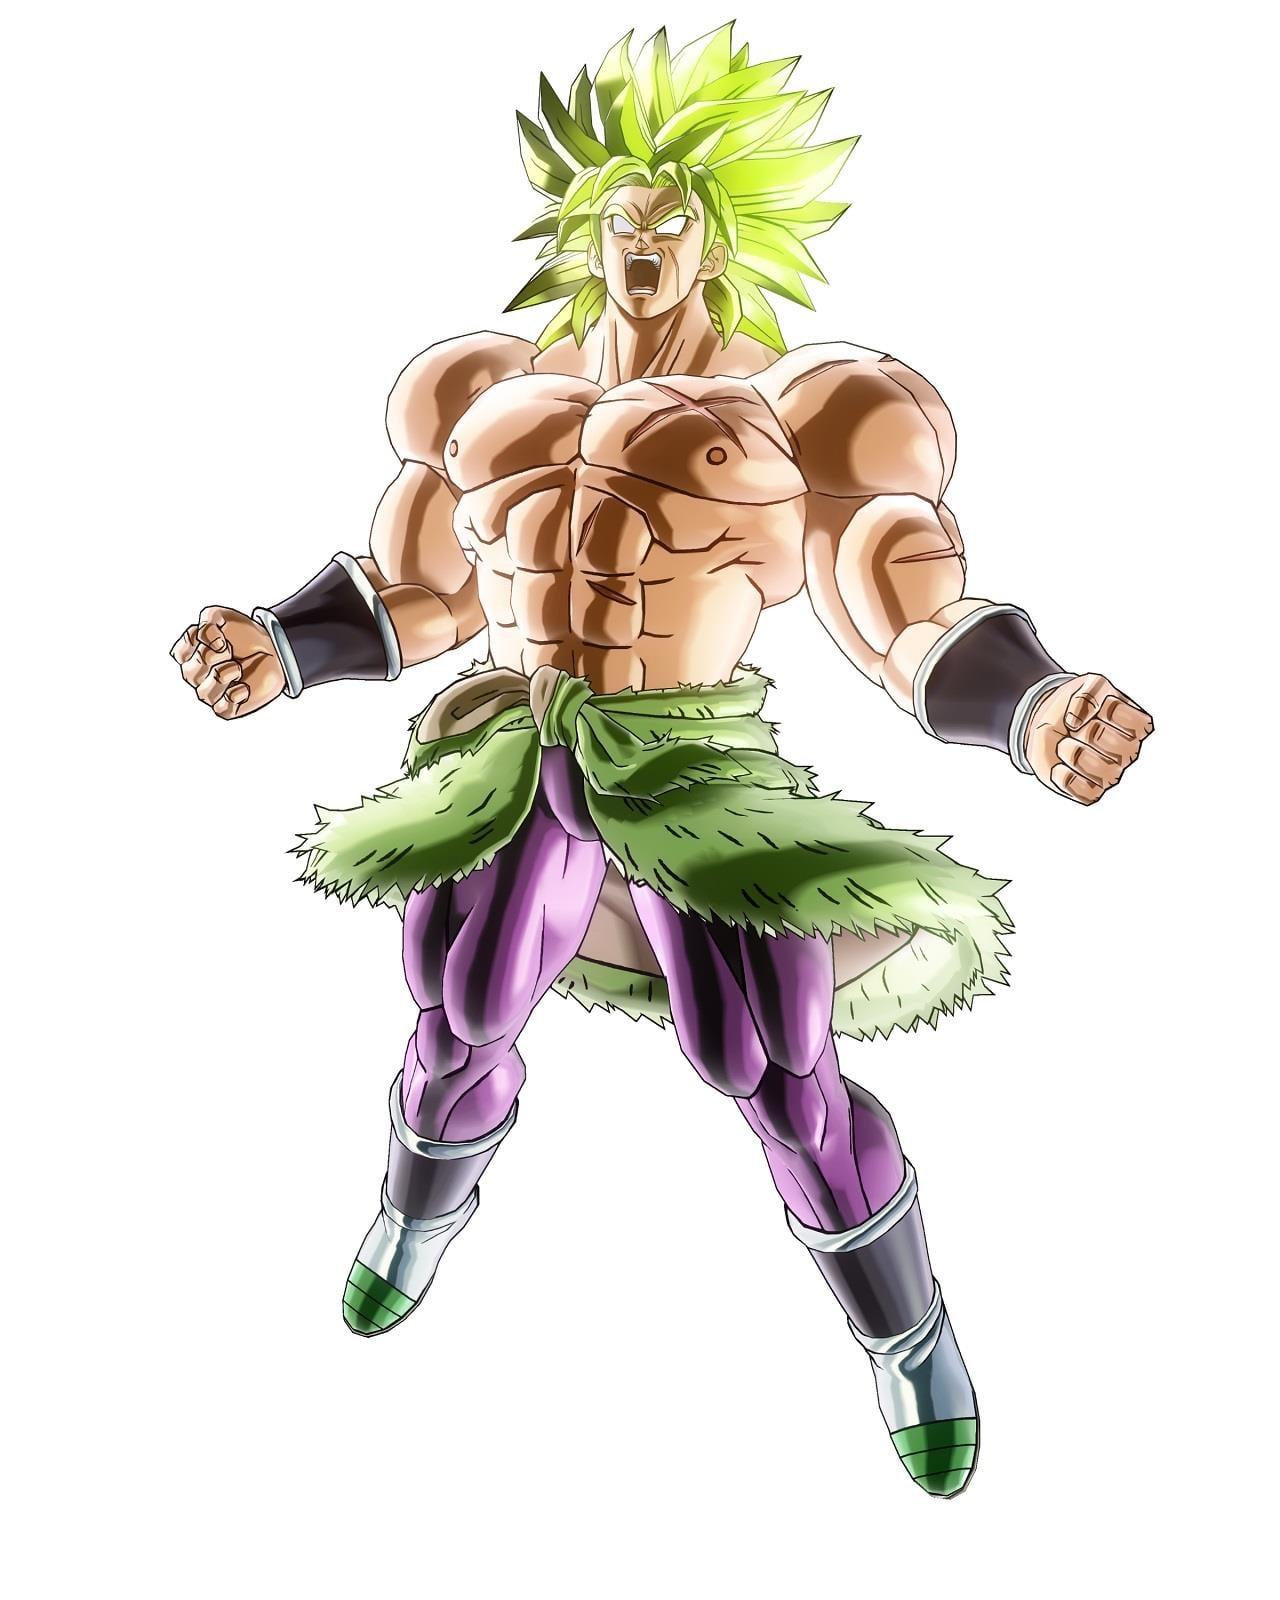 Super Saiyan Full Power Broly Coming to Dragon Ball Xenoverse 2